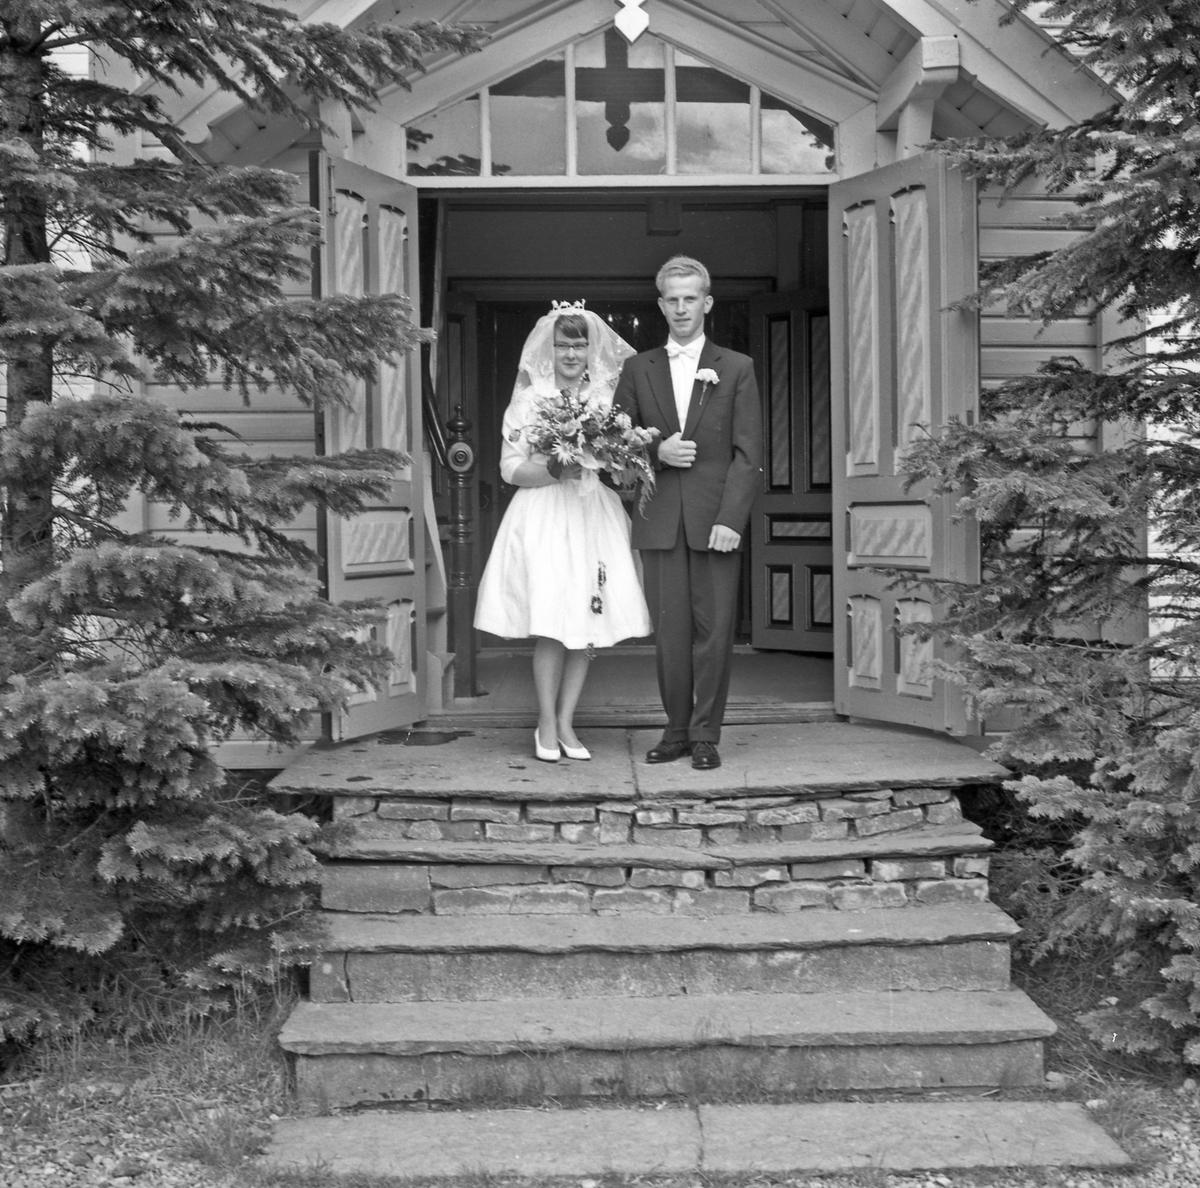 Portrett bryllup, brudeparet på trappen og utvalg av gjestene - bestiller Olav Matre